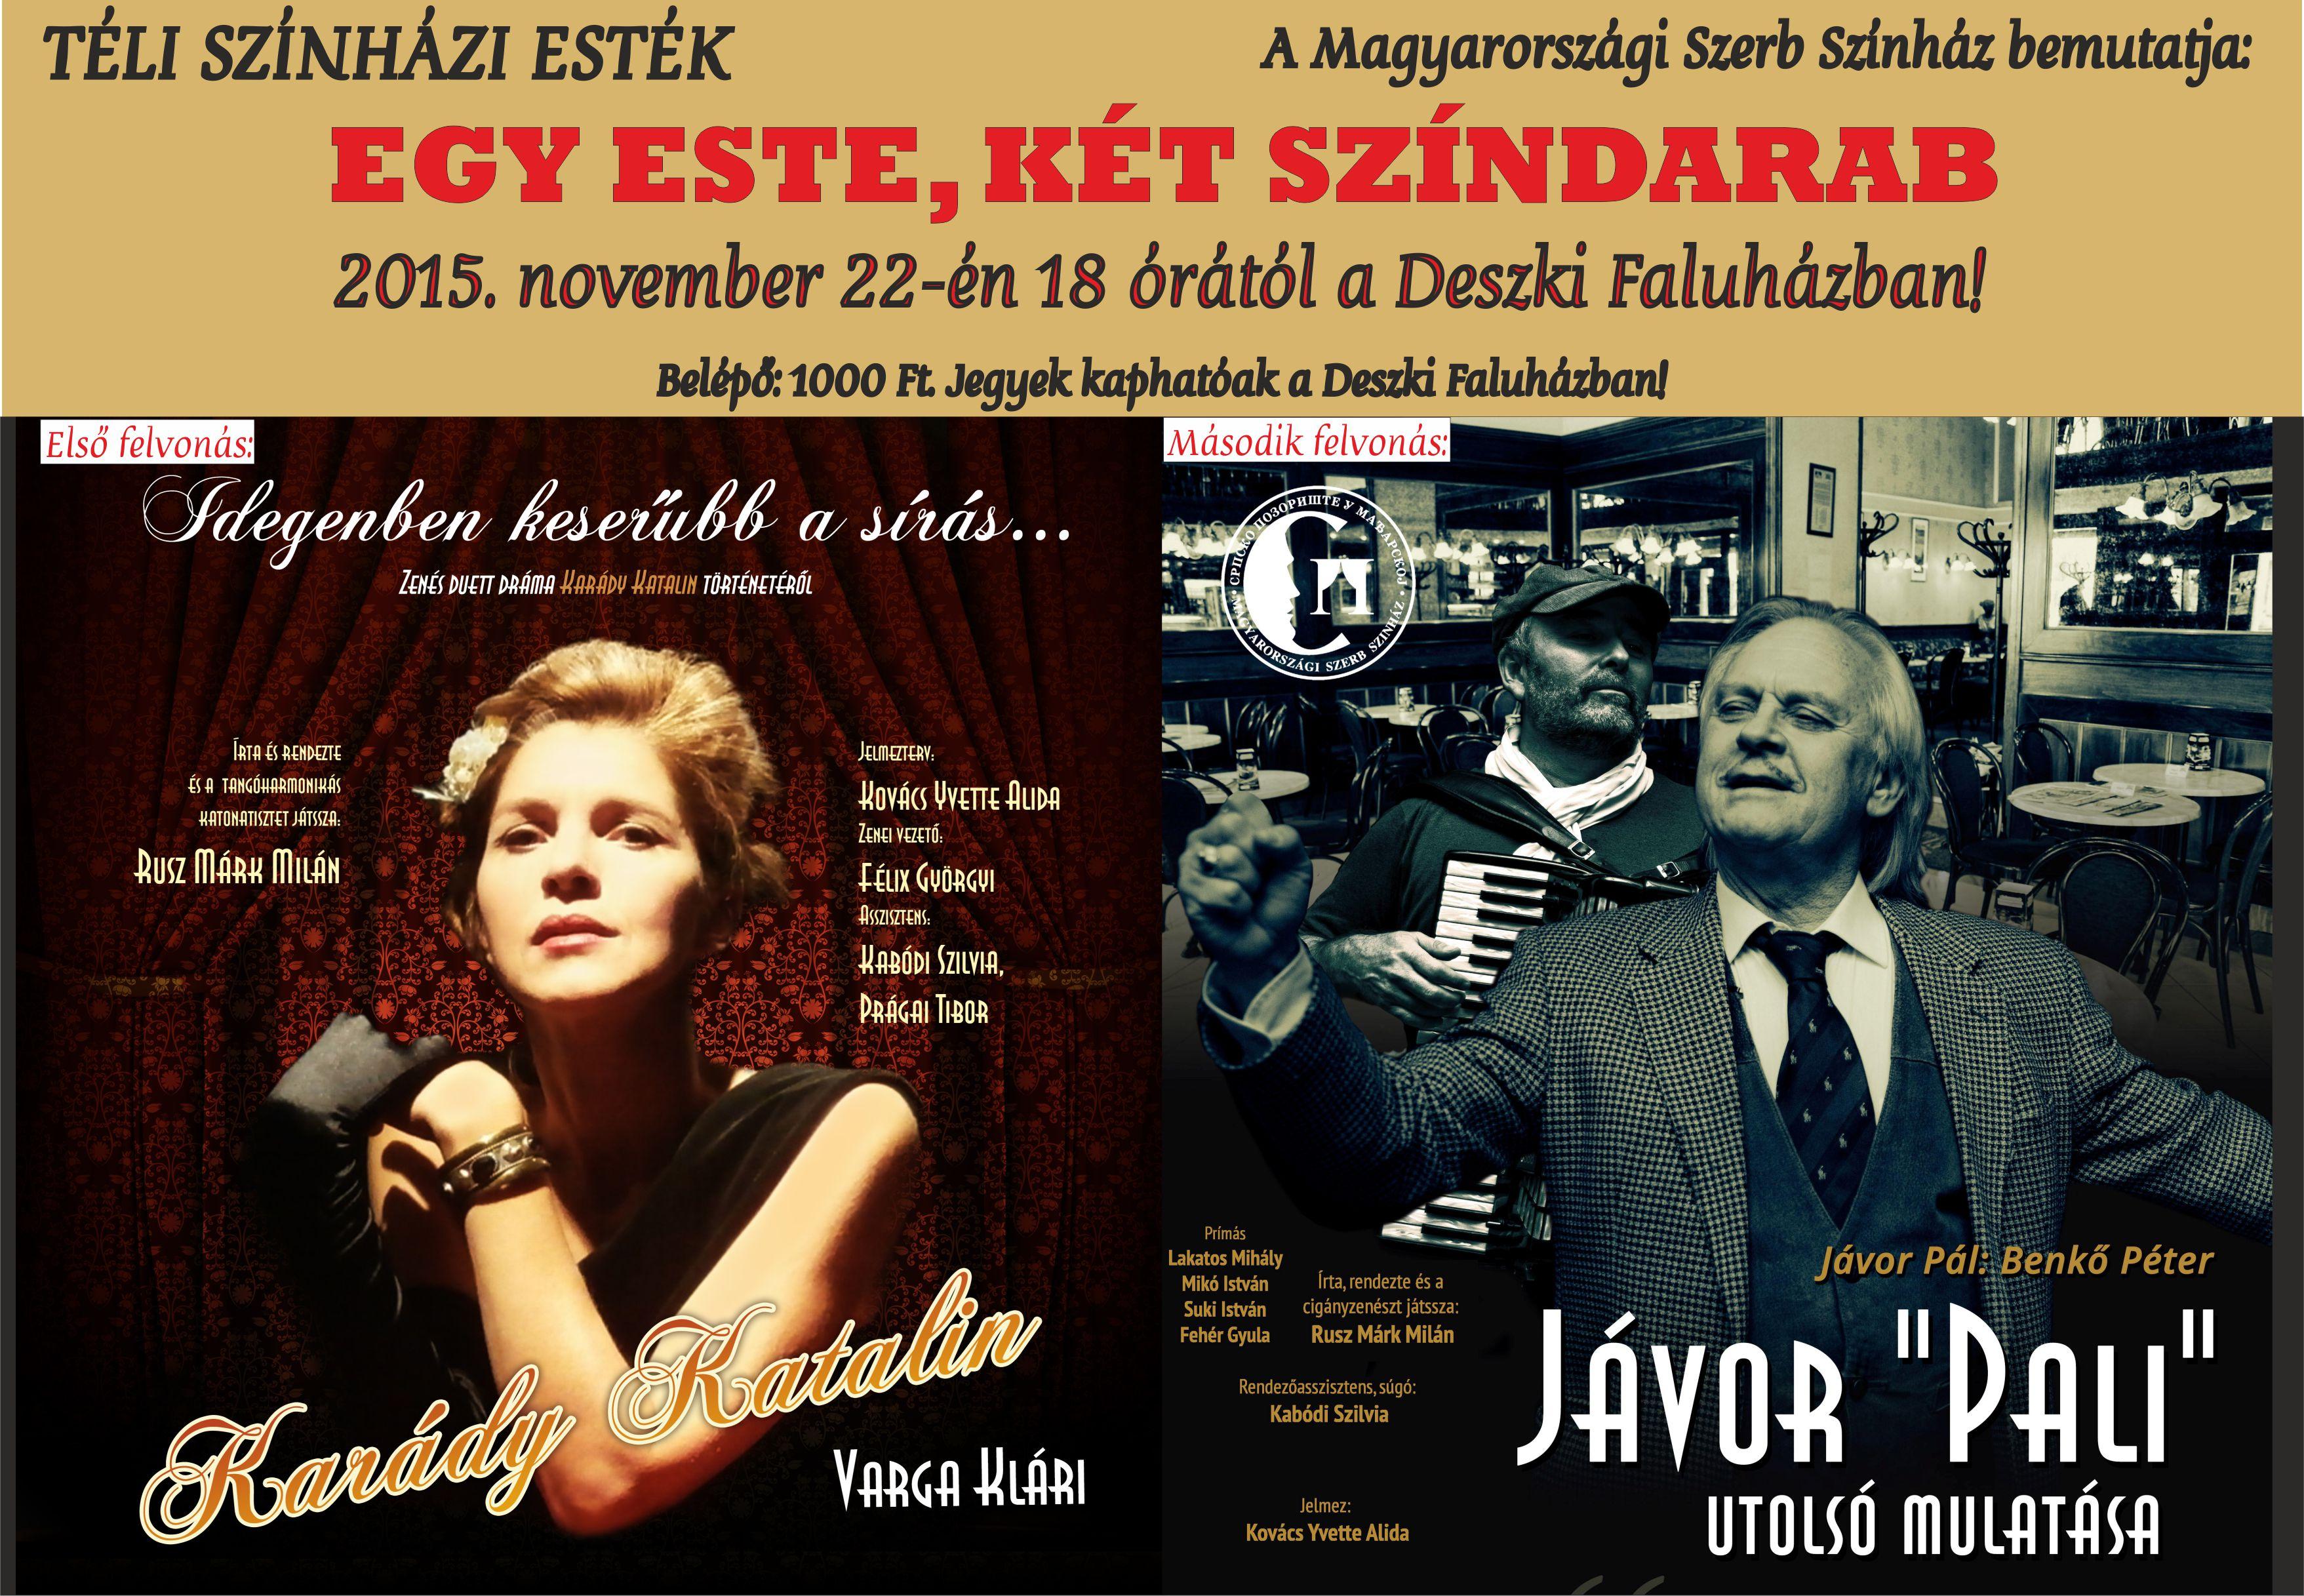 téli színházi esték_karády+jávor